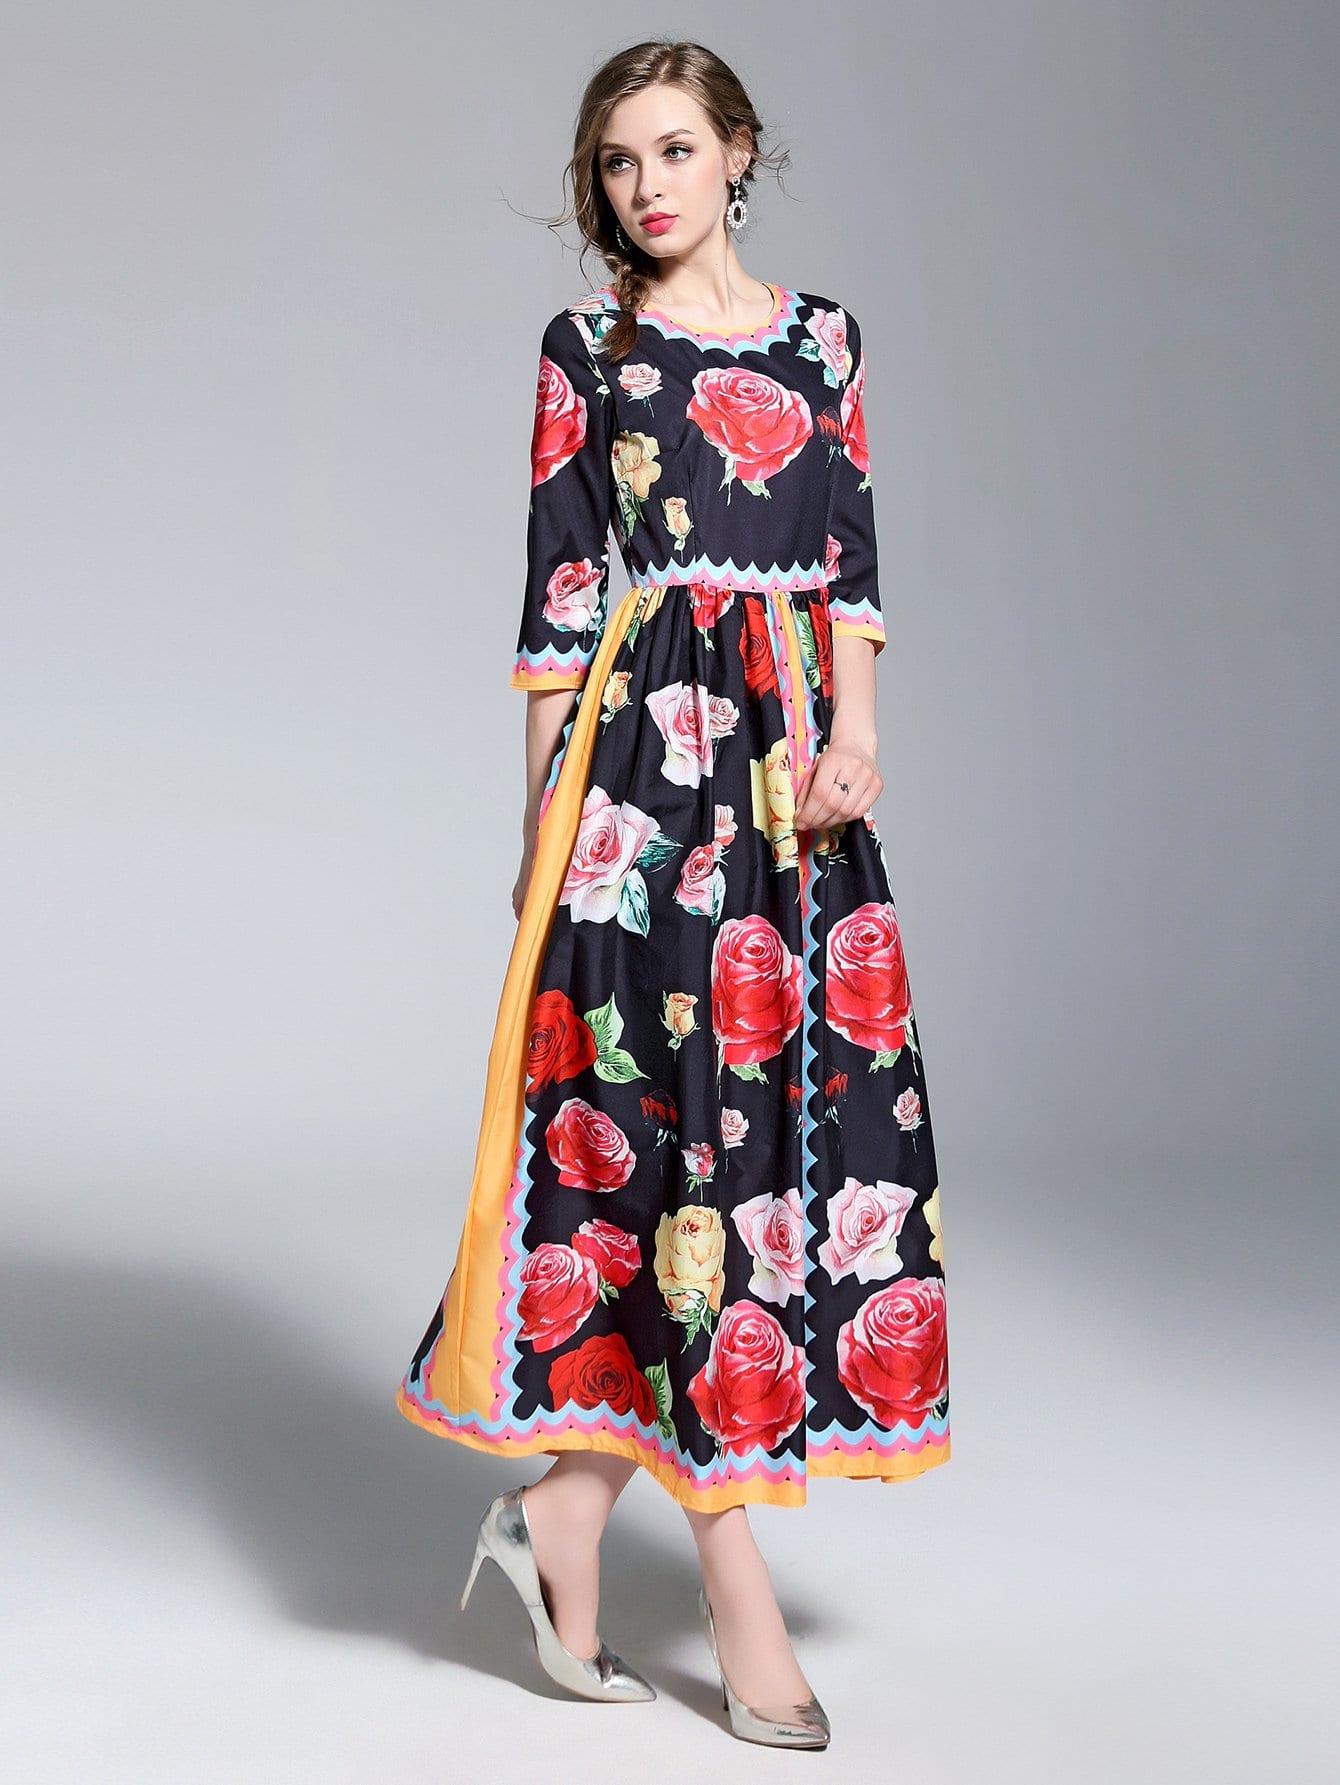 Купить Стиль кэжуал Цветочный принт многоцветный Платья, null, SheIn